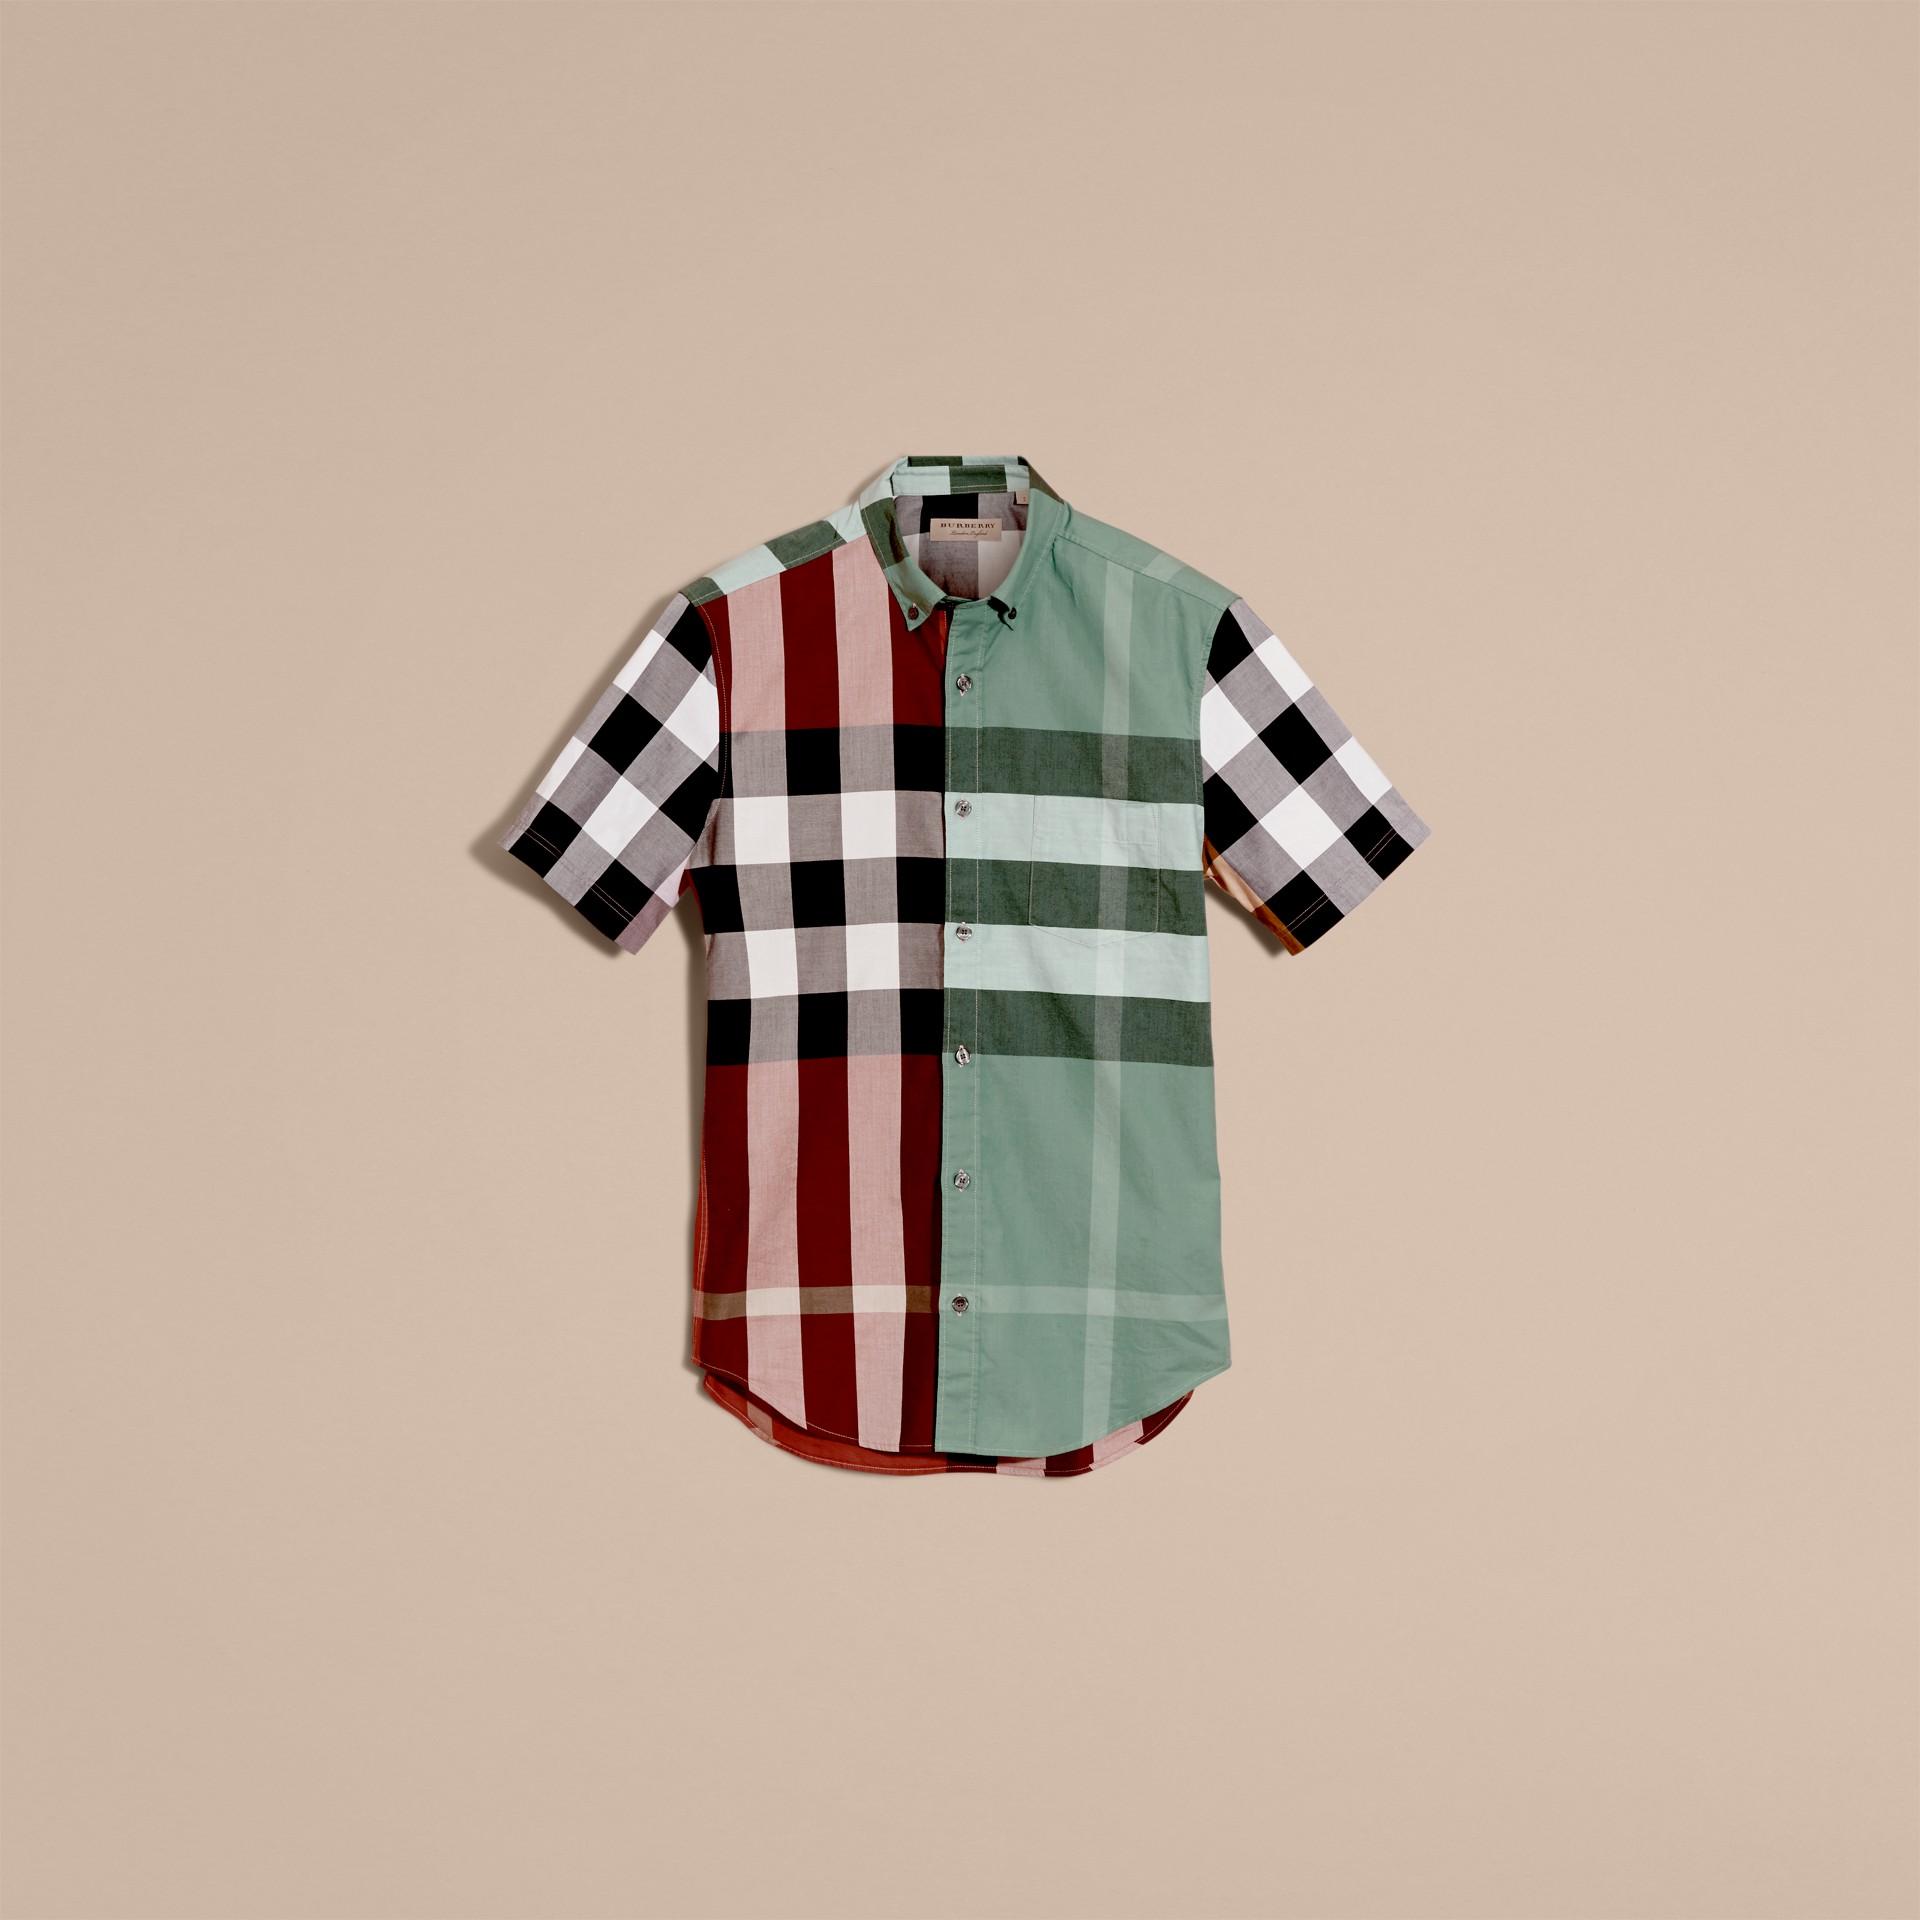 Parade red Camisa de algodão de mangas curtas e estampa Colour Block xadrez Parade Red - galeria de imagens 4